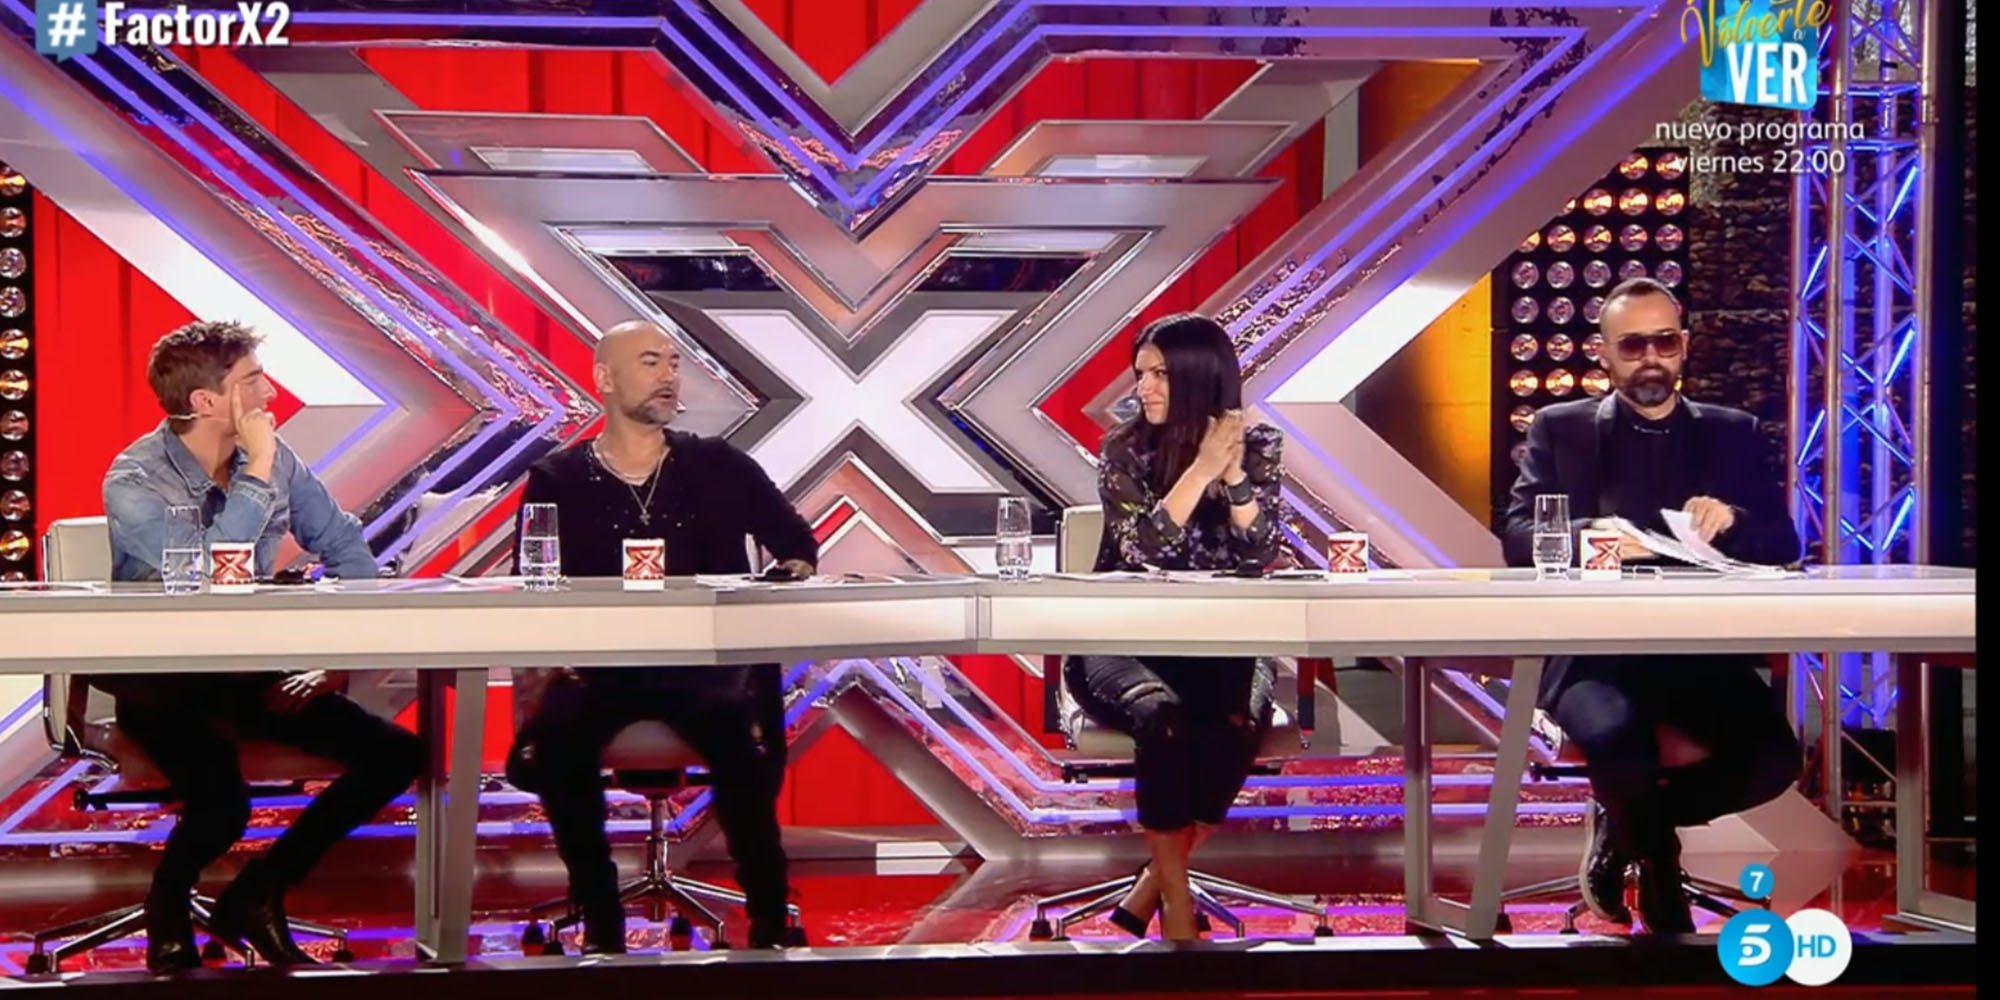 """Las historias de los participantes de 'Factor X': """"Mi madre pasó mucho tiempo en coma"""""""